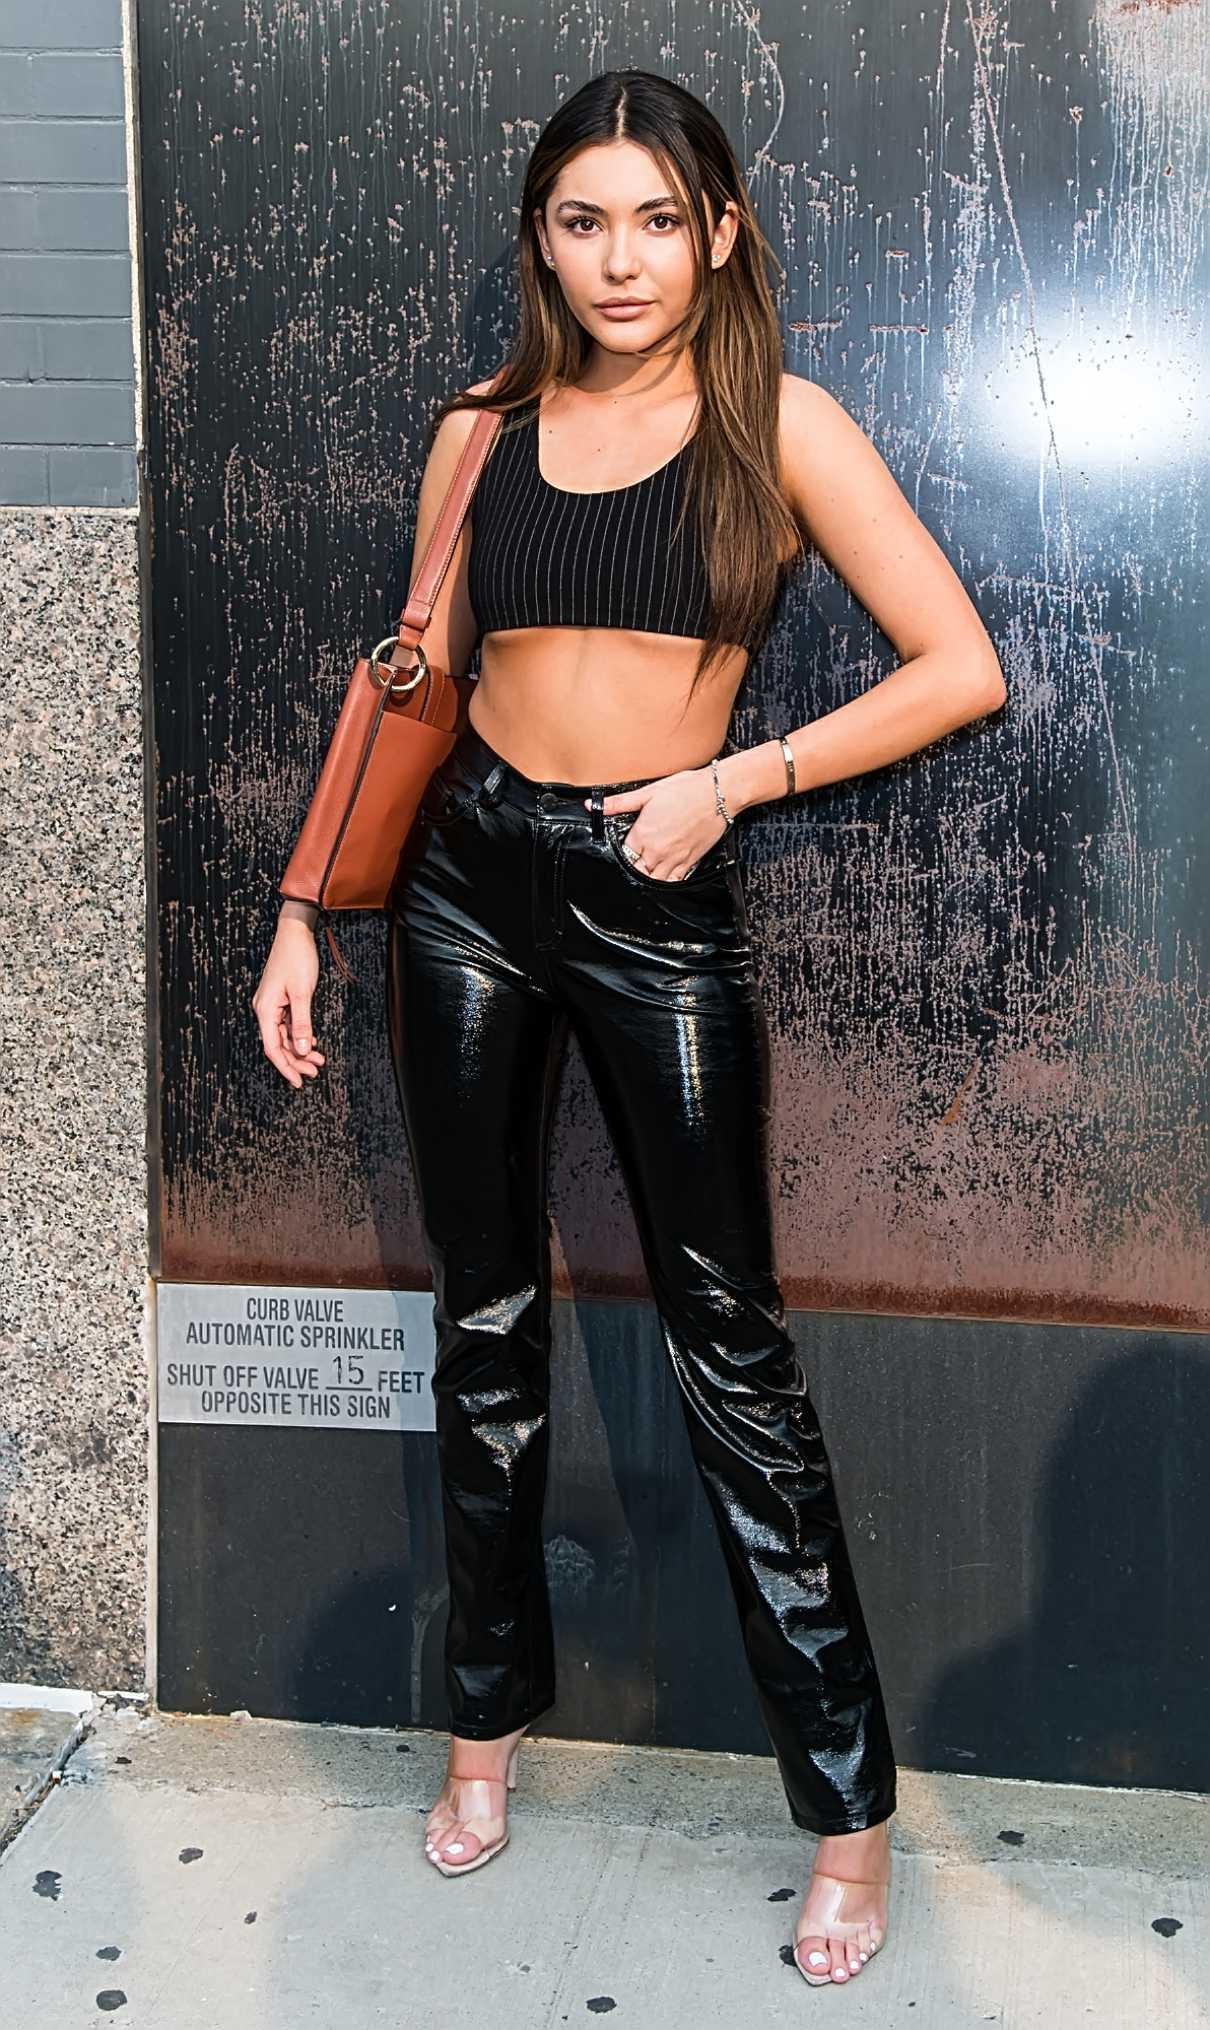 Atiana De La Hoya in a Black Pants